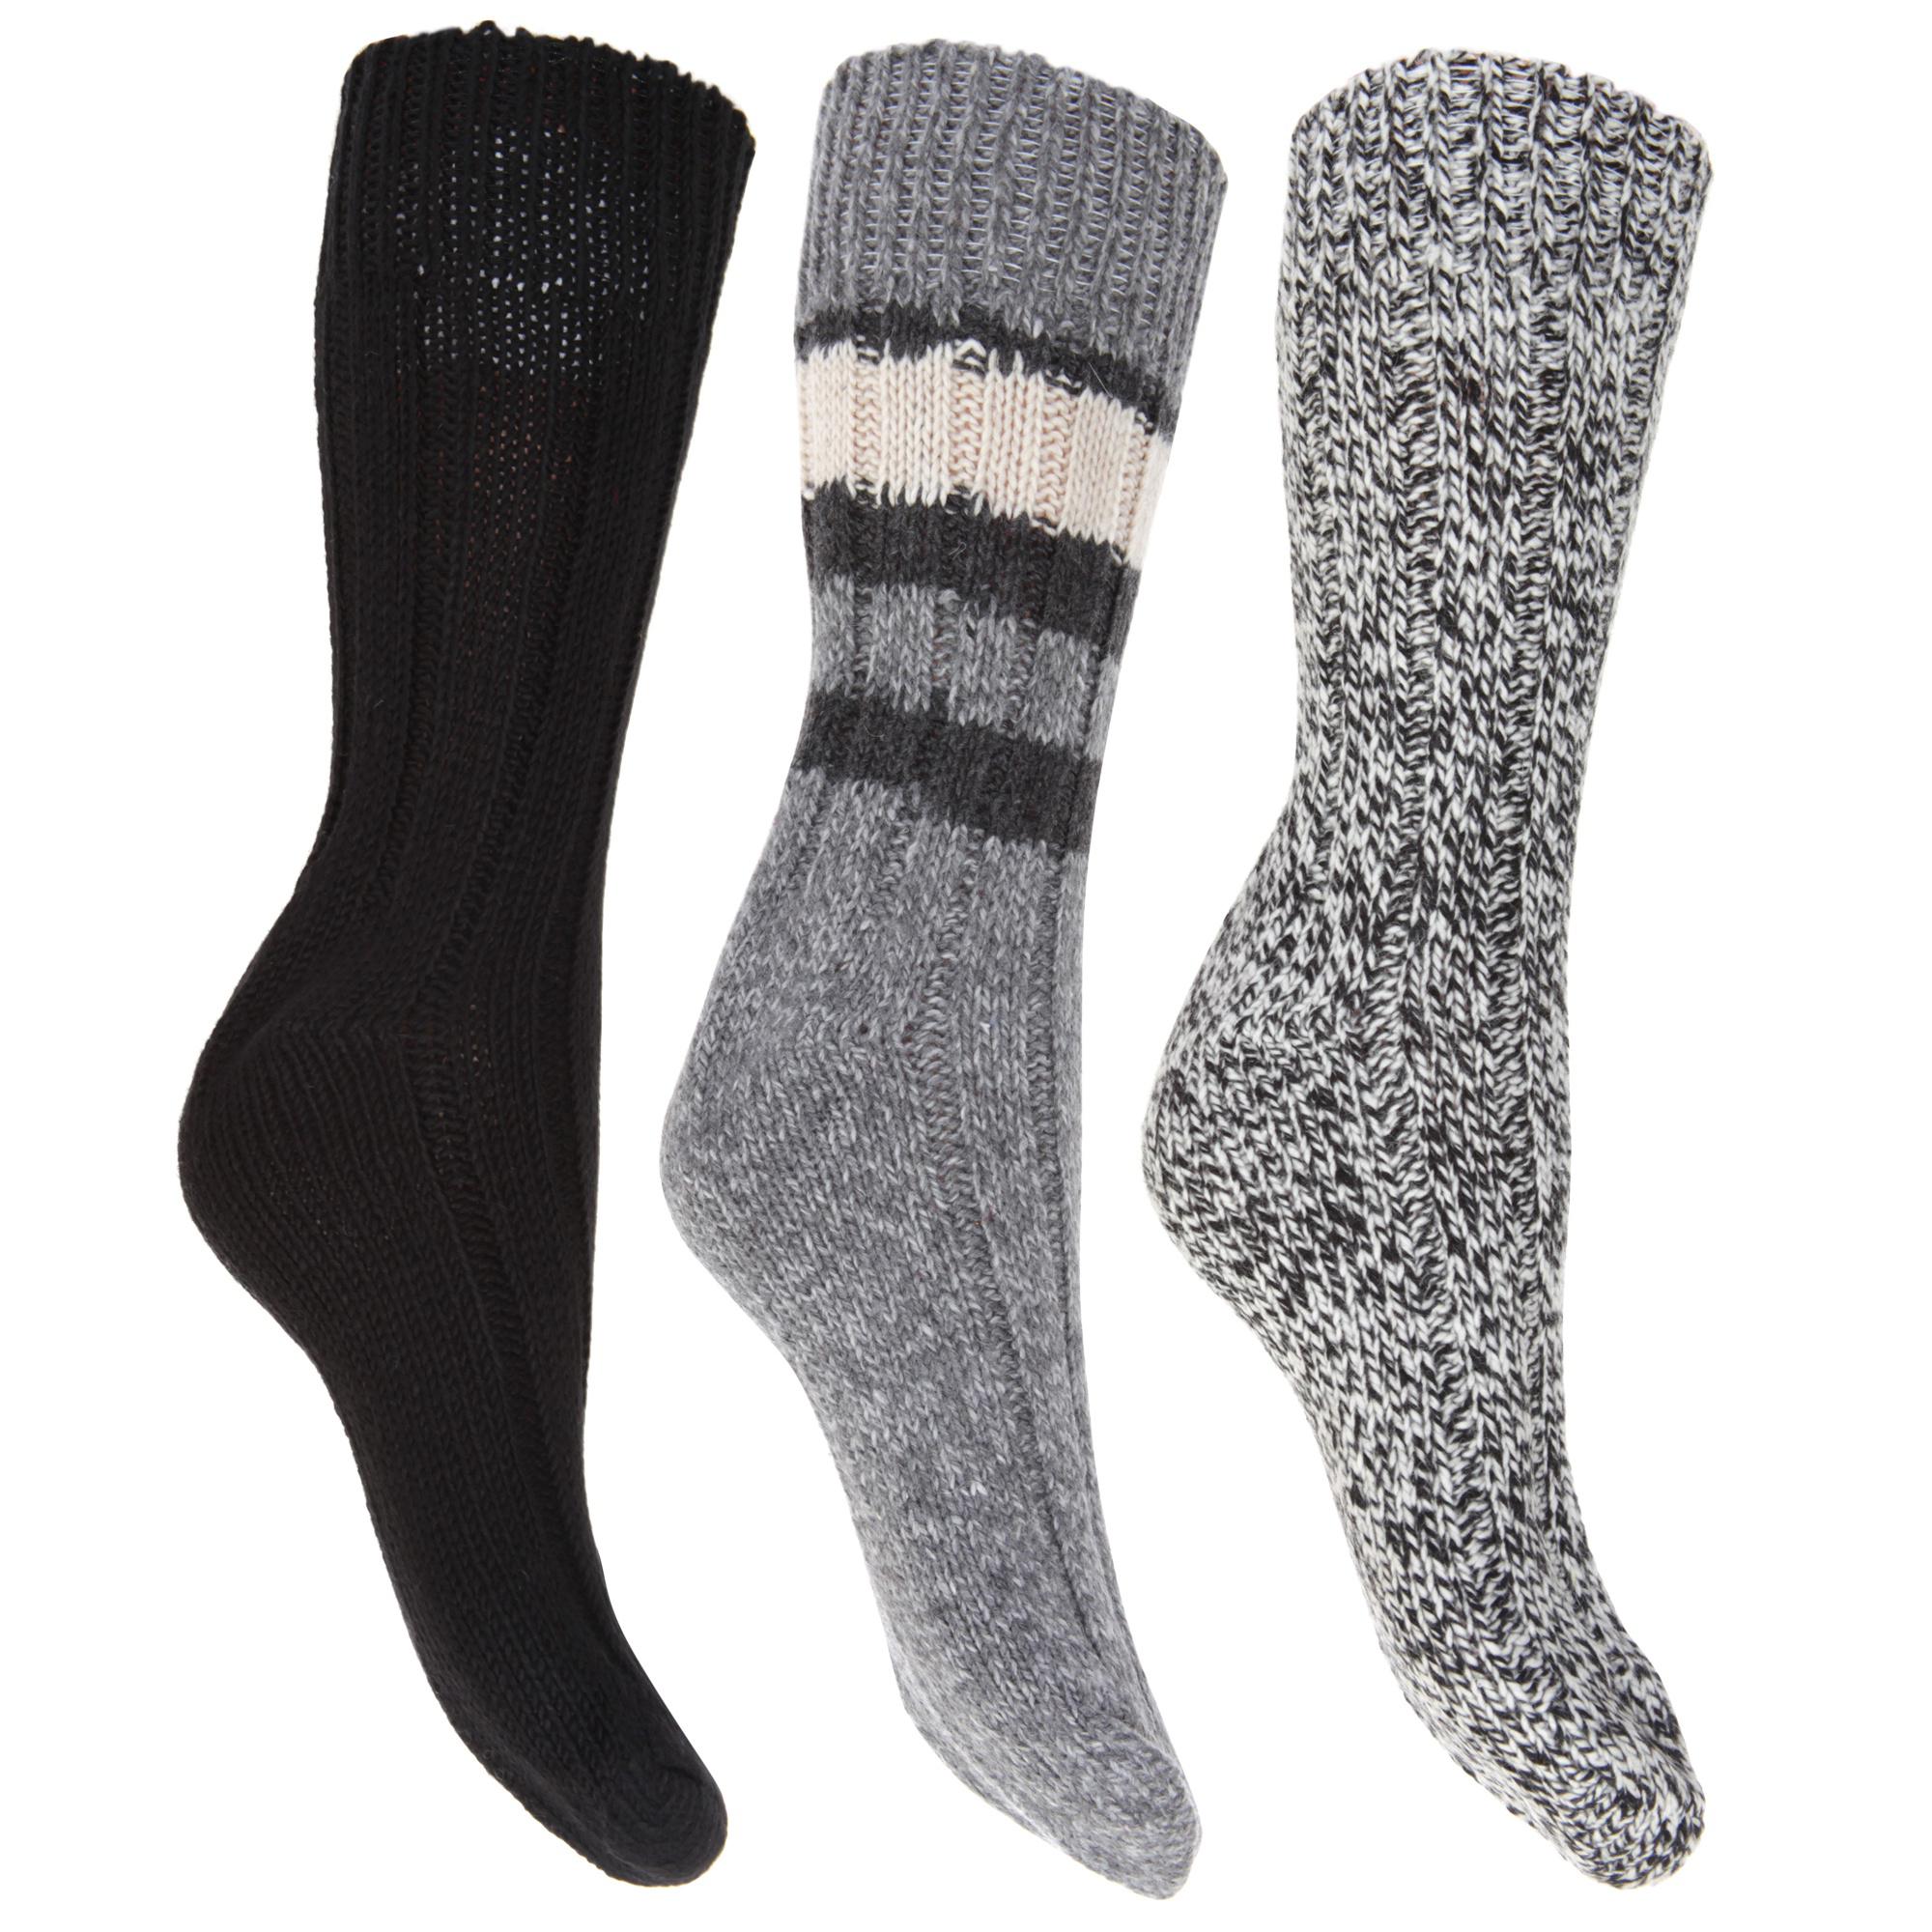 Señoras para mujer Grueso Térmico FLOSO grueso de lana/Calcetines combinada (3 Pack)